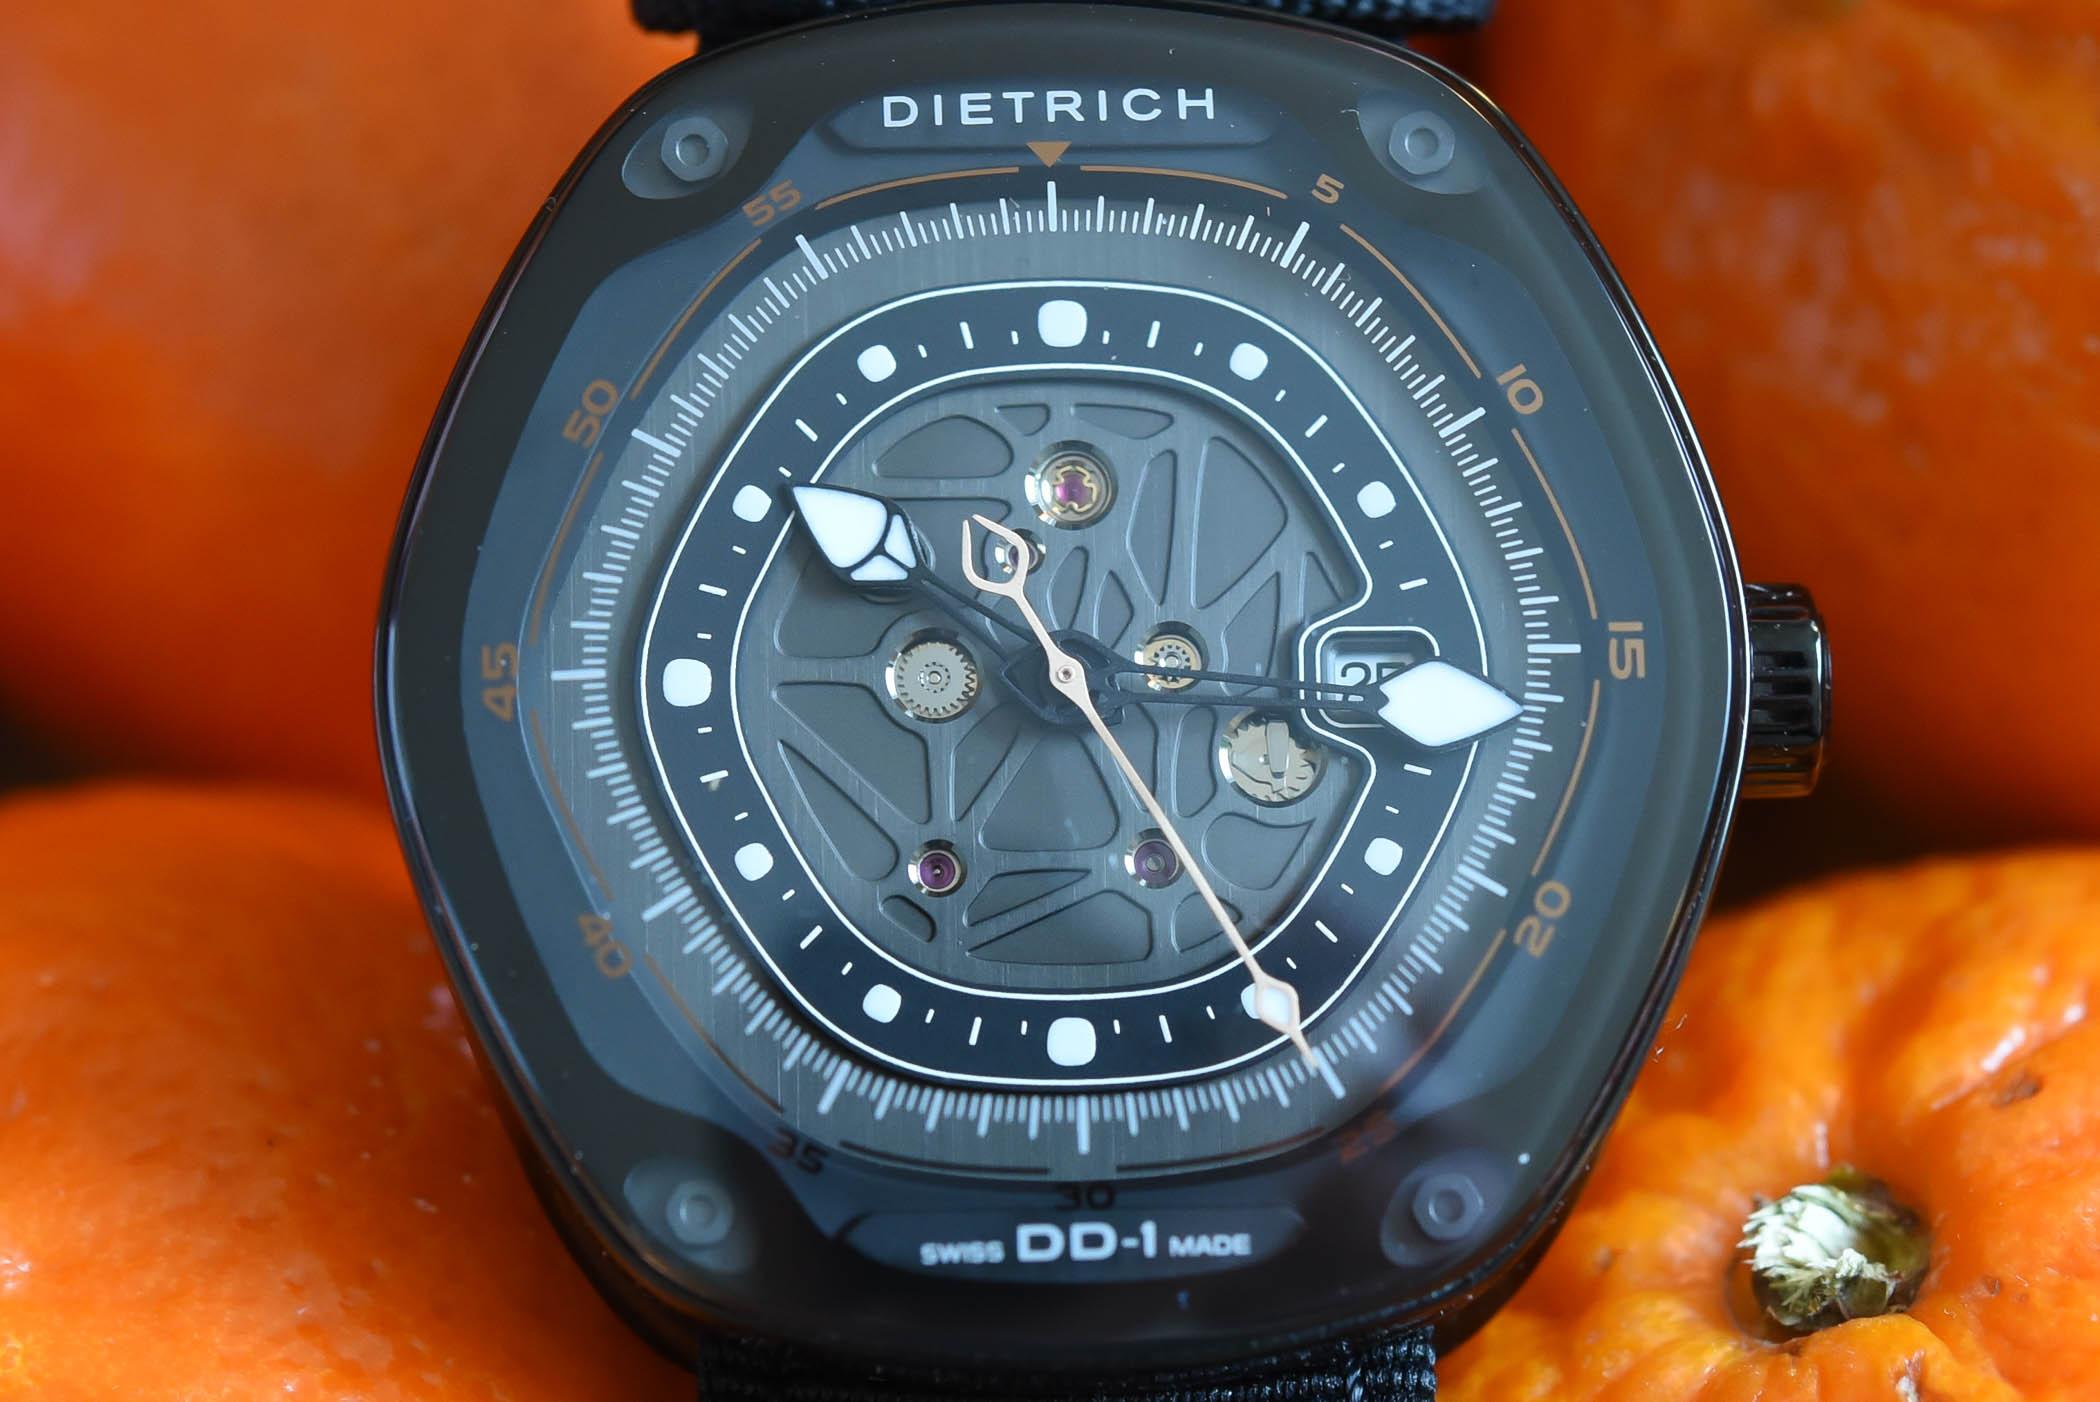 Dietrich Device 1 DD-1